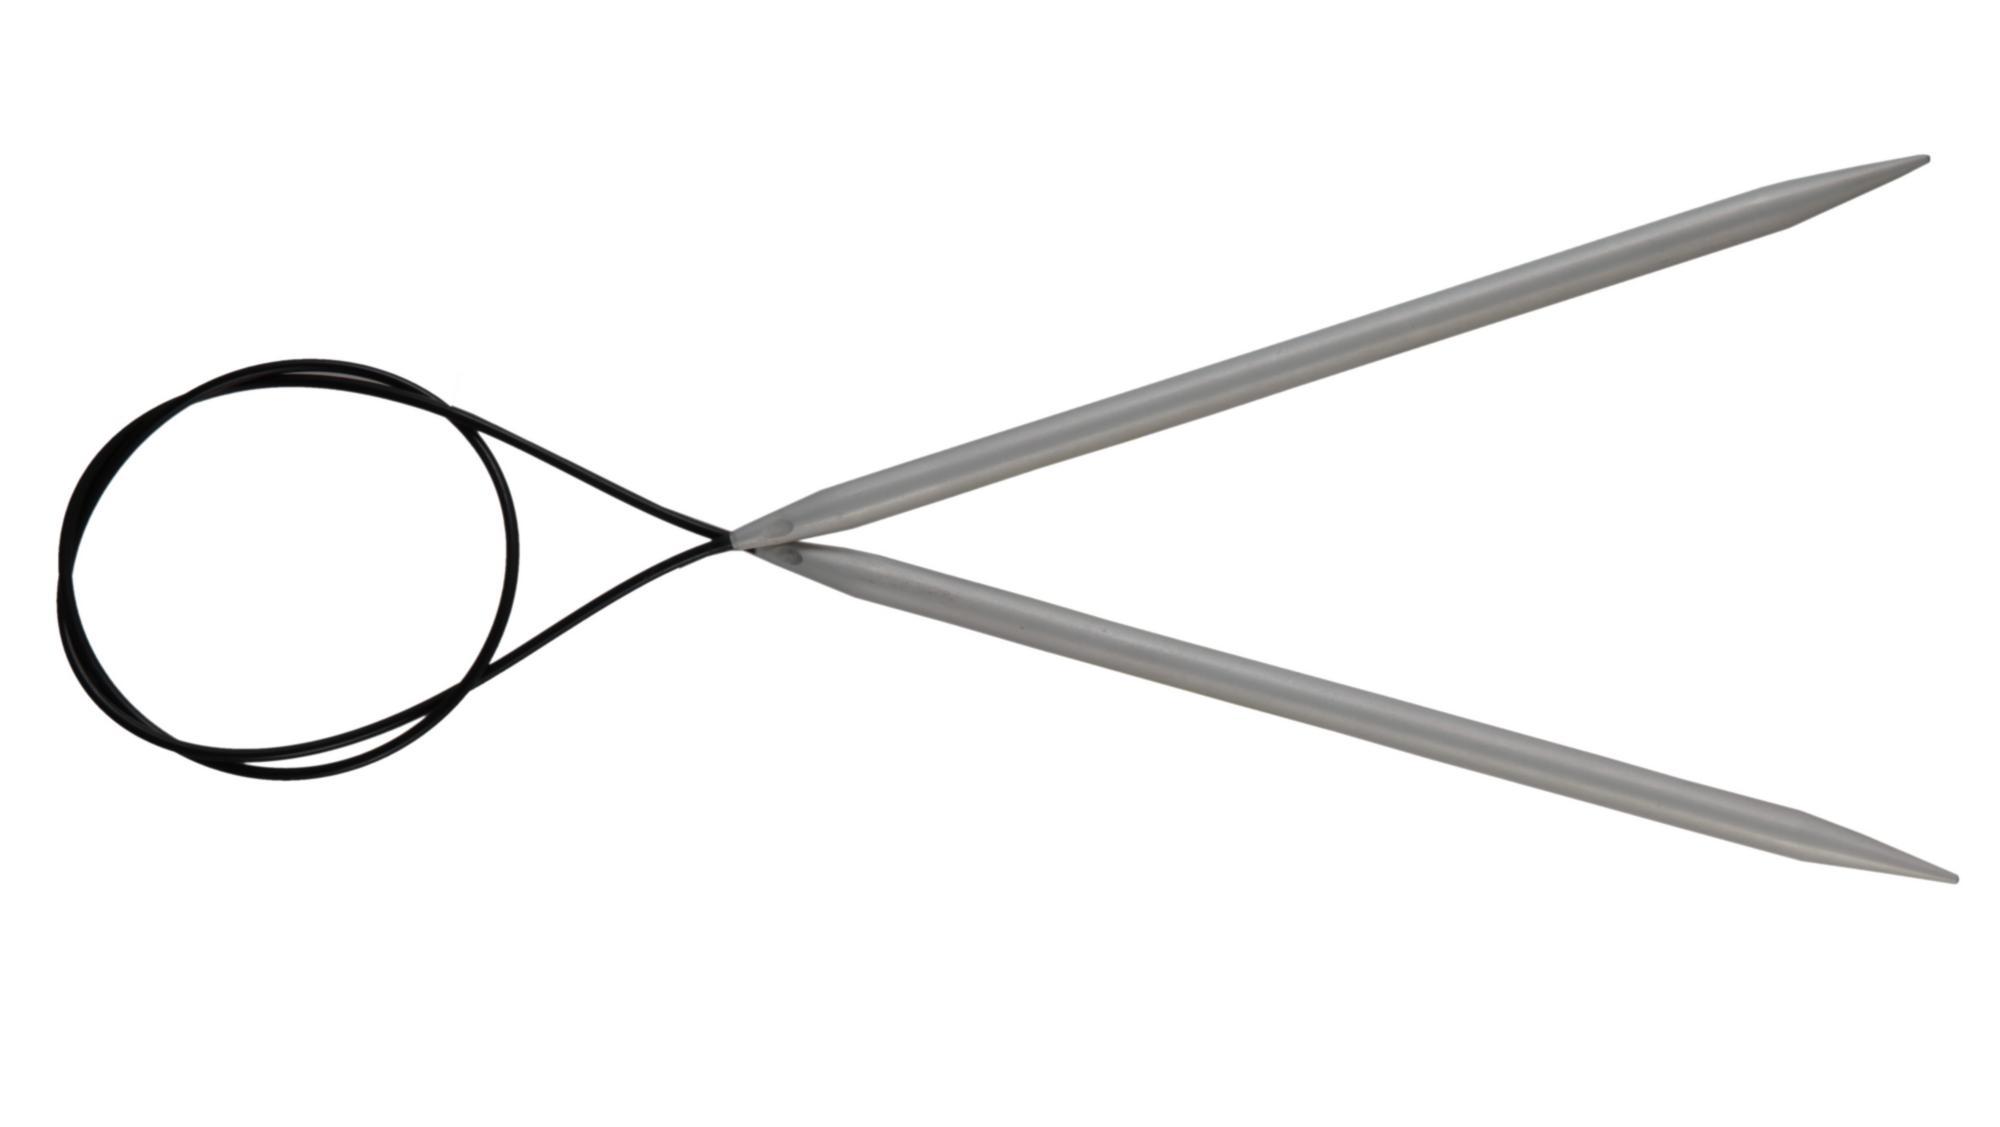 Спицы круговые 60 см Basix Aluminium KnitPro, 45373, 3.25 мм